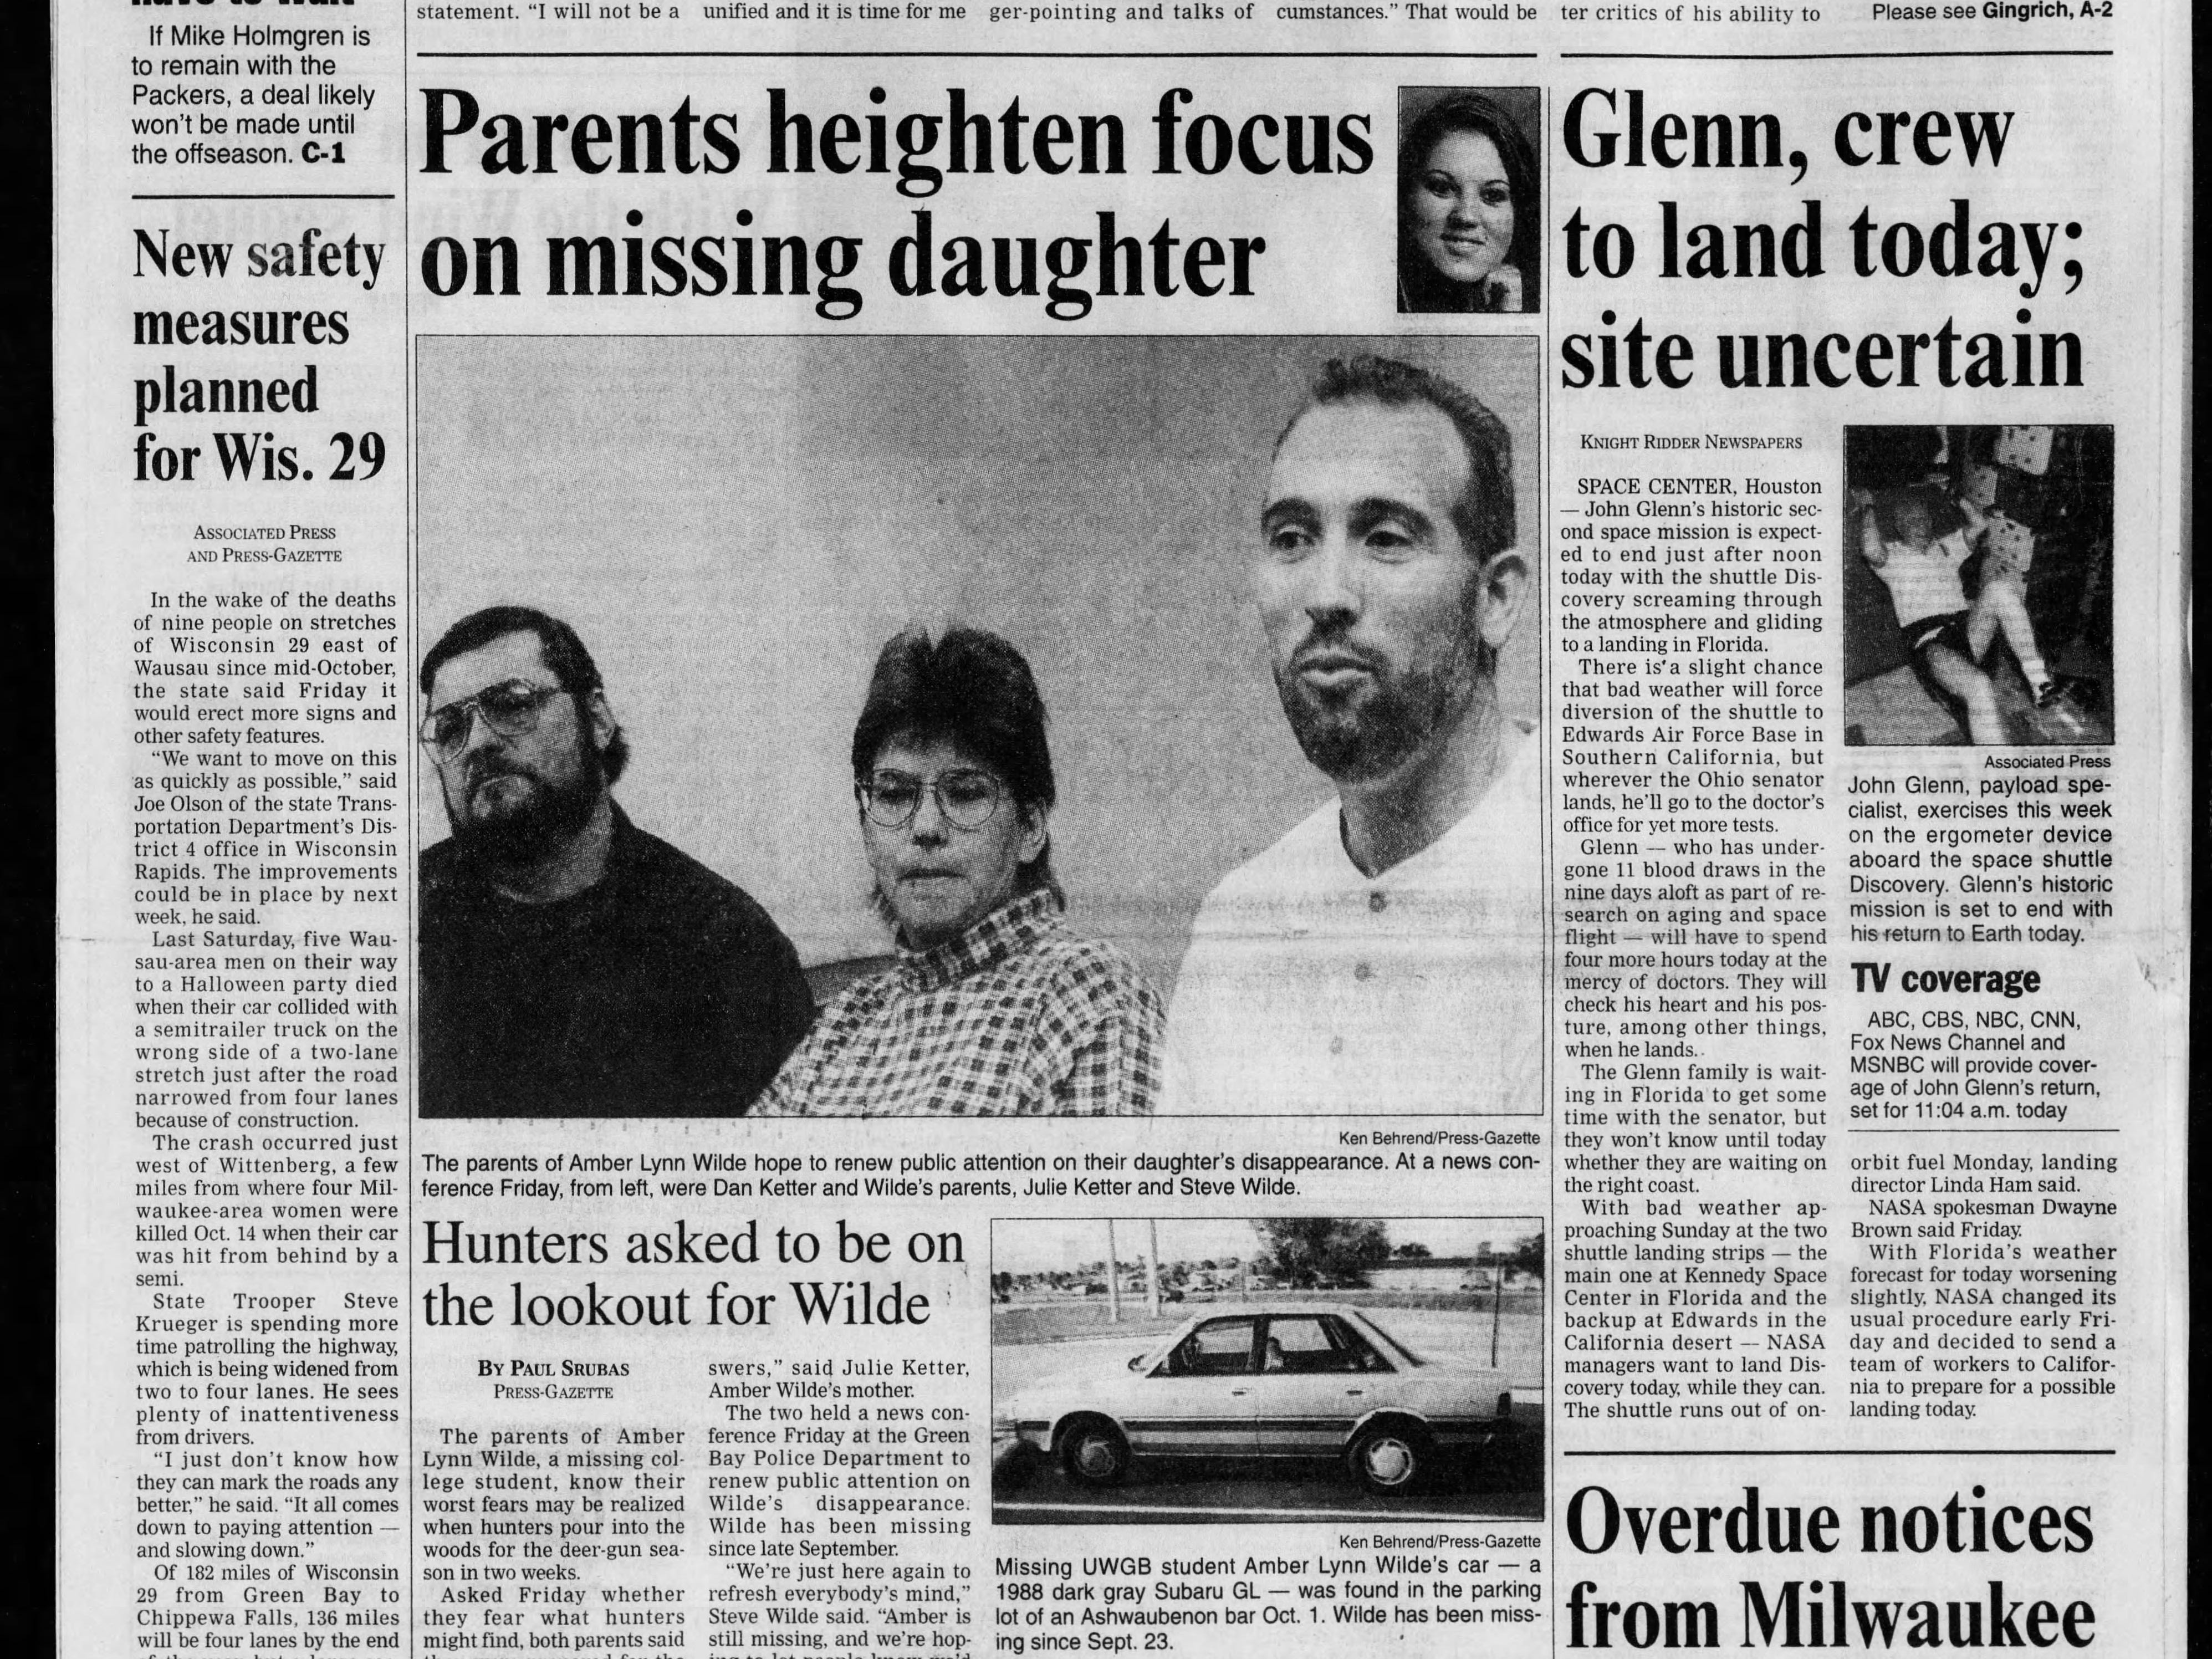 Today in History: Nov. 7, 1998